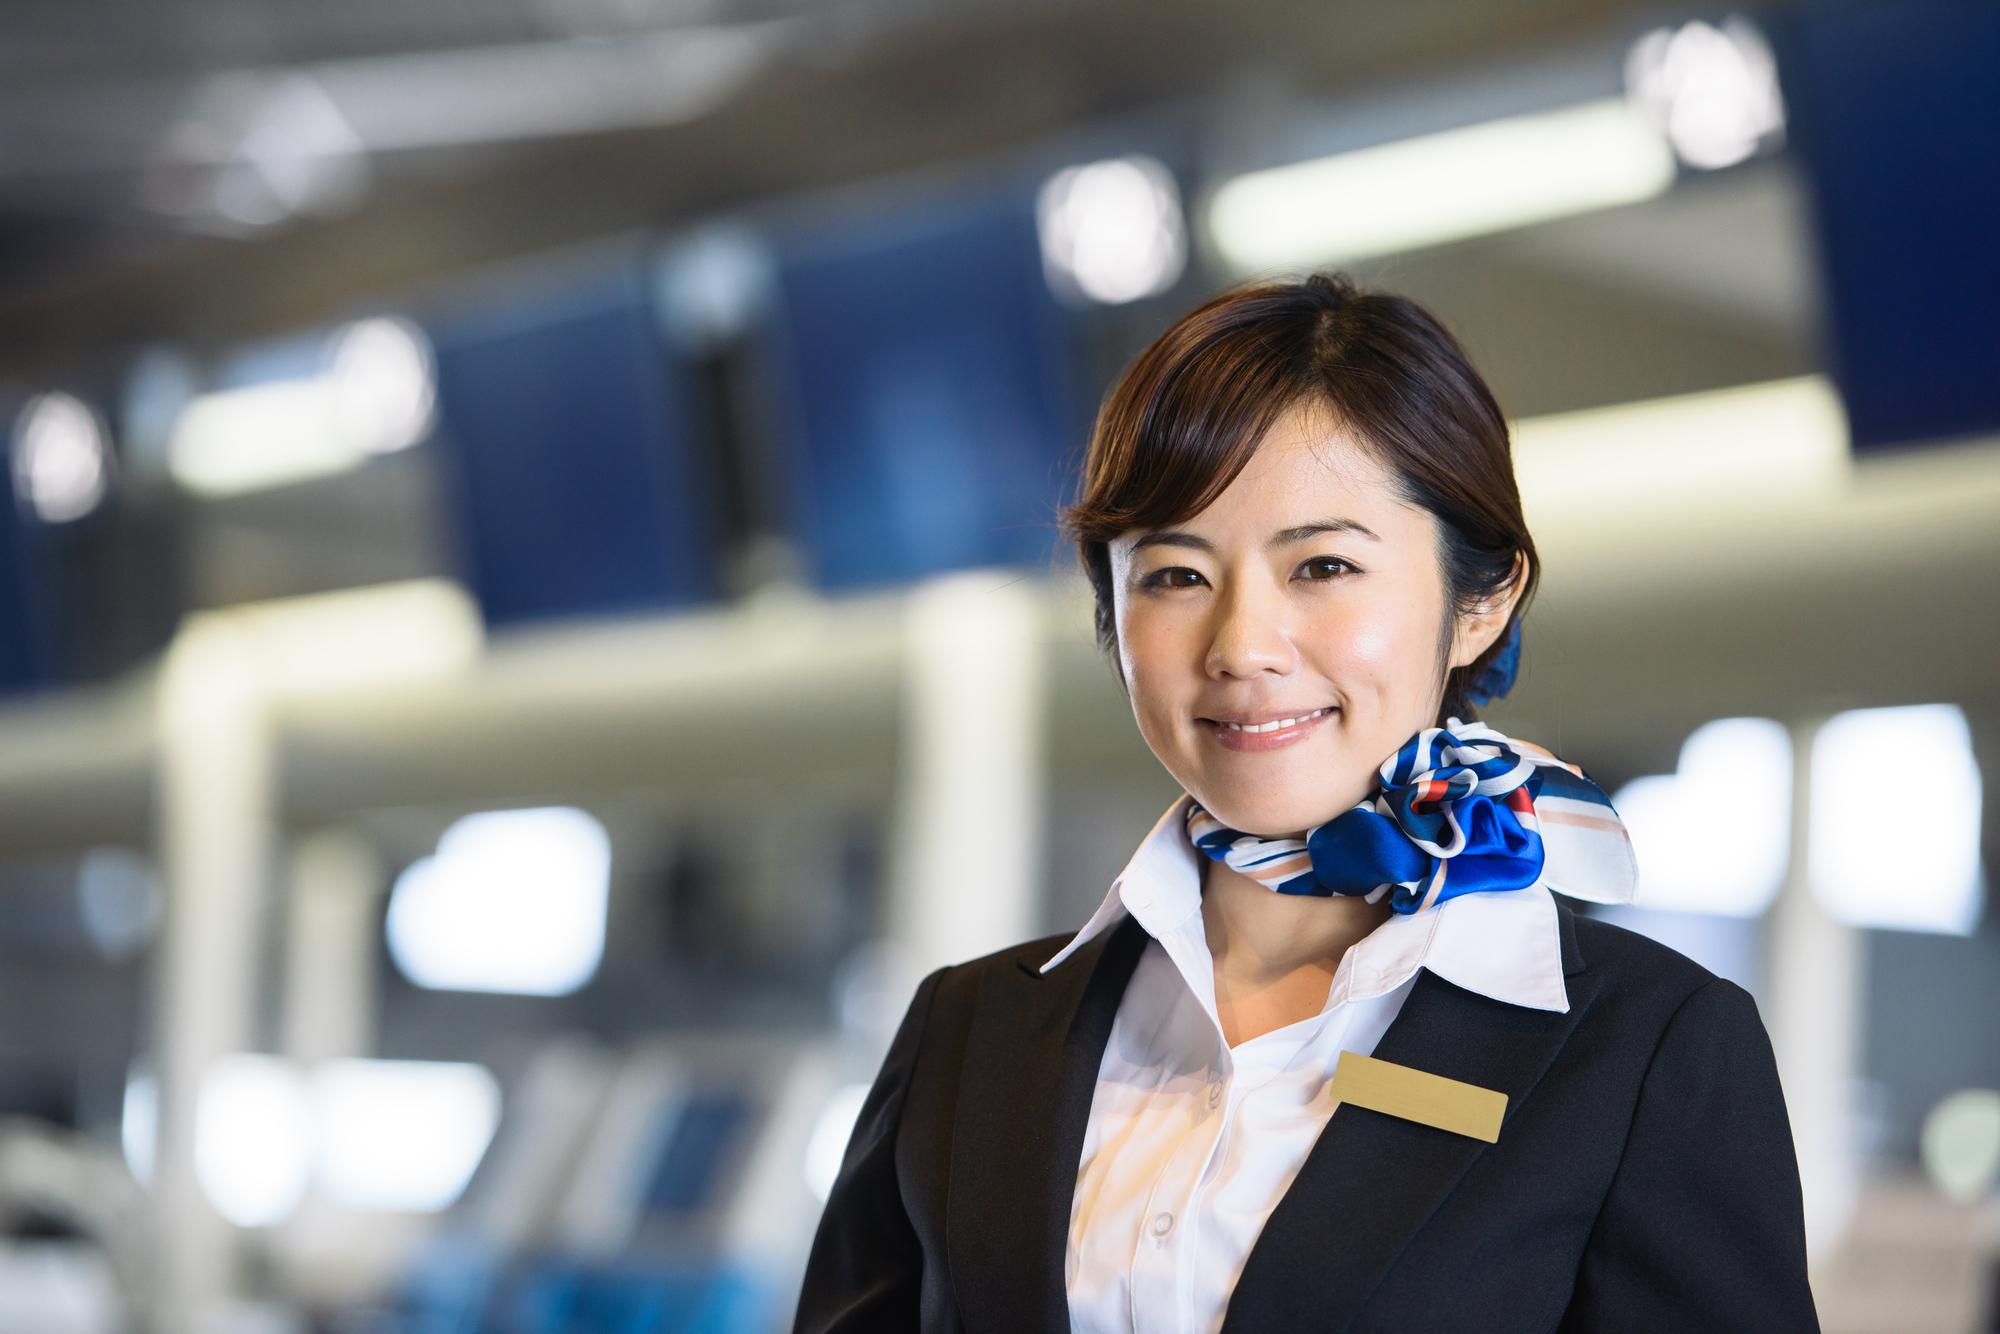 【空港インターンシップ】航空業界で働きたい方必見!オーストラリア国内の空港で最長3ヵ月に渡るインターンシッププログラム